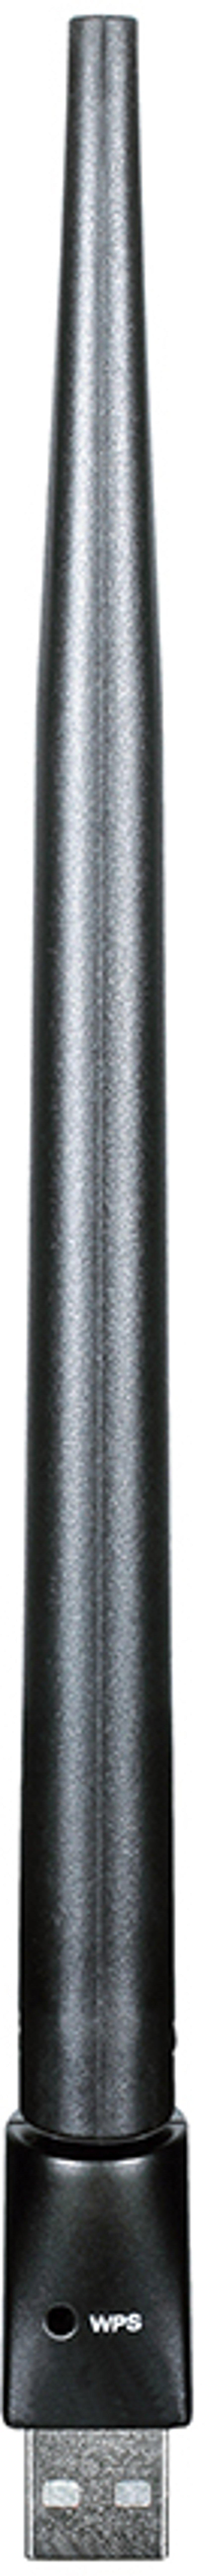 D-Link DWA-127 Wireless N